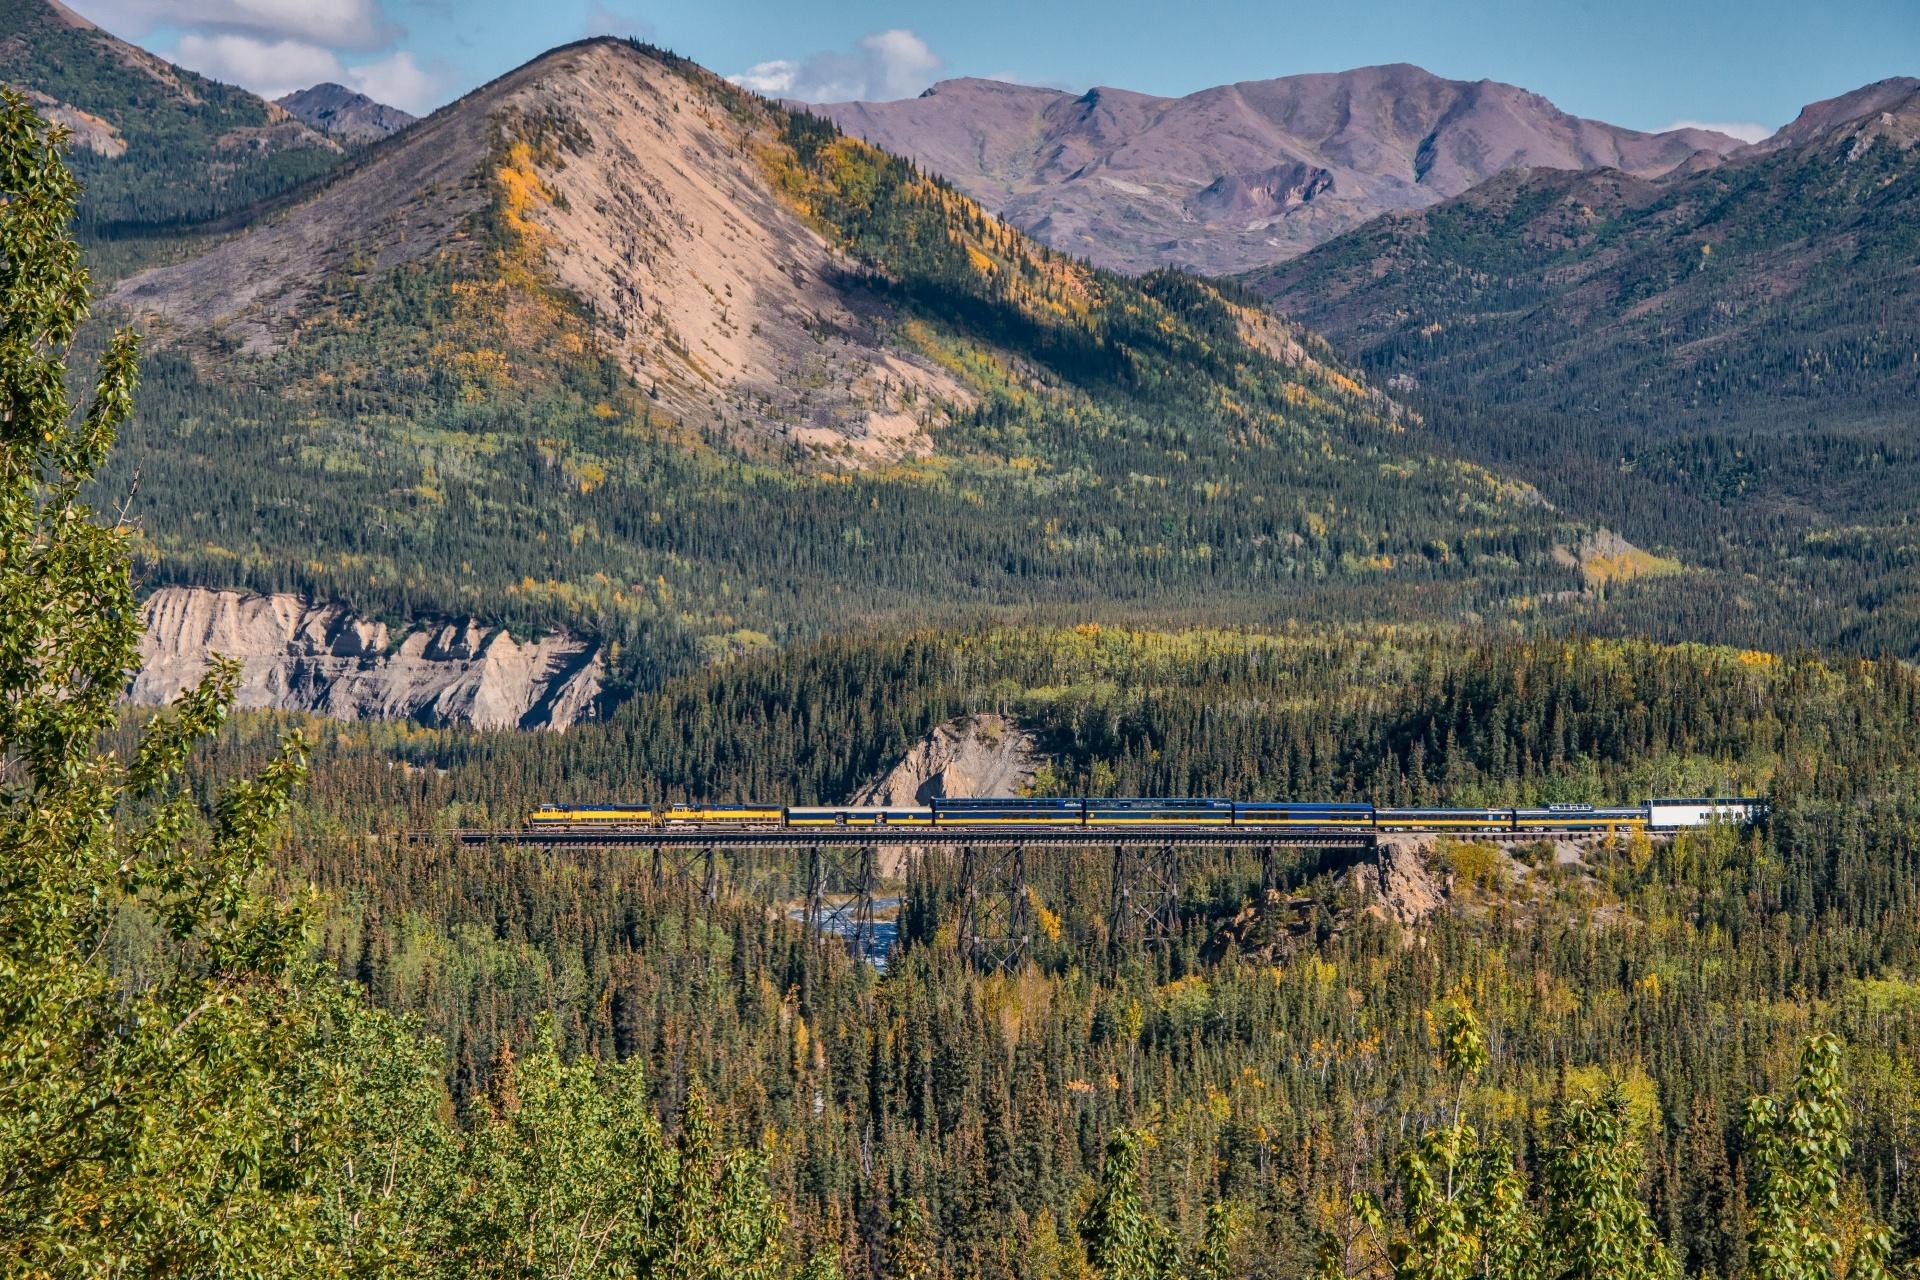 初秋のアラスカ デナリ国立公園 秋のアメリカの風景